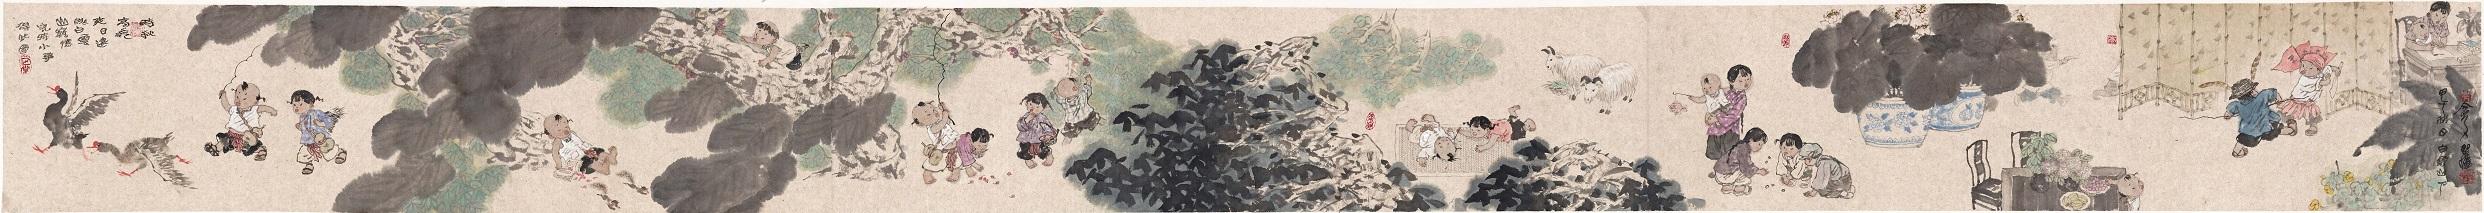 岑圣权《儿时拾趣卷》420×35cm,13平尺.jpg